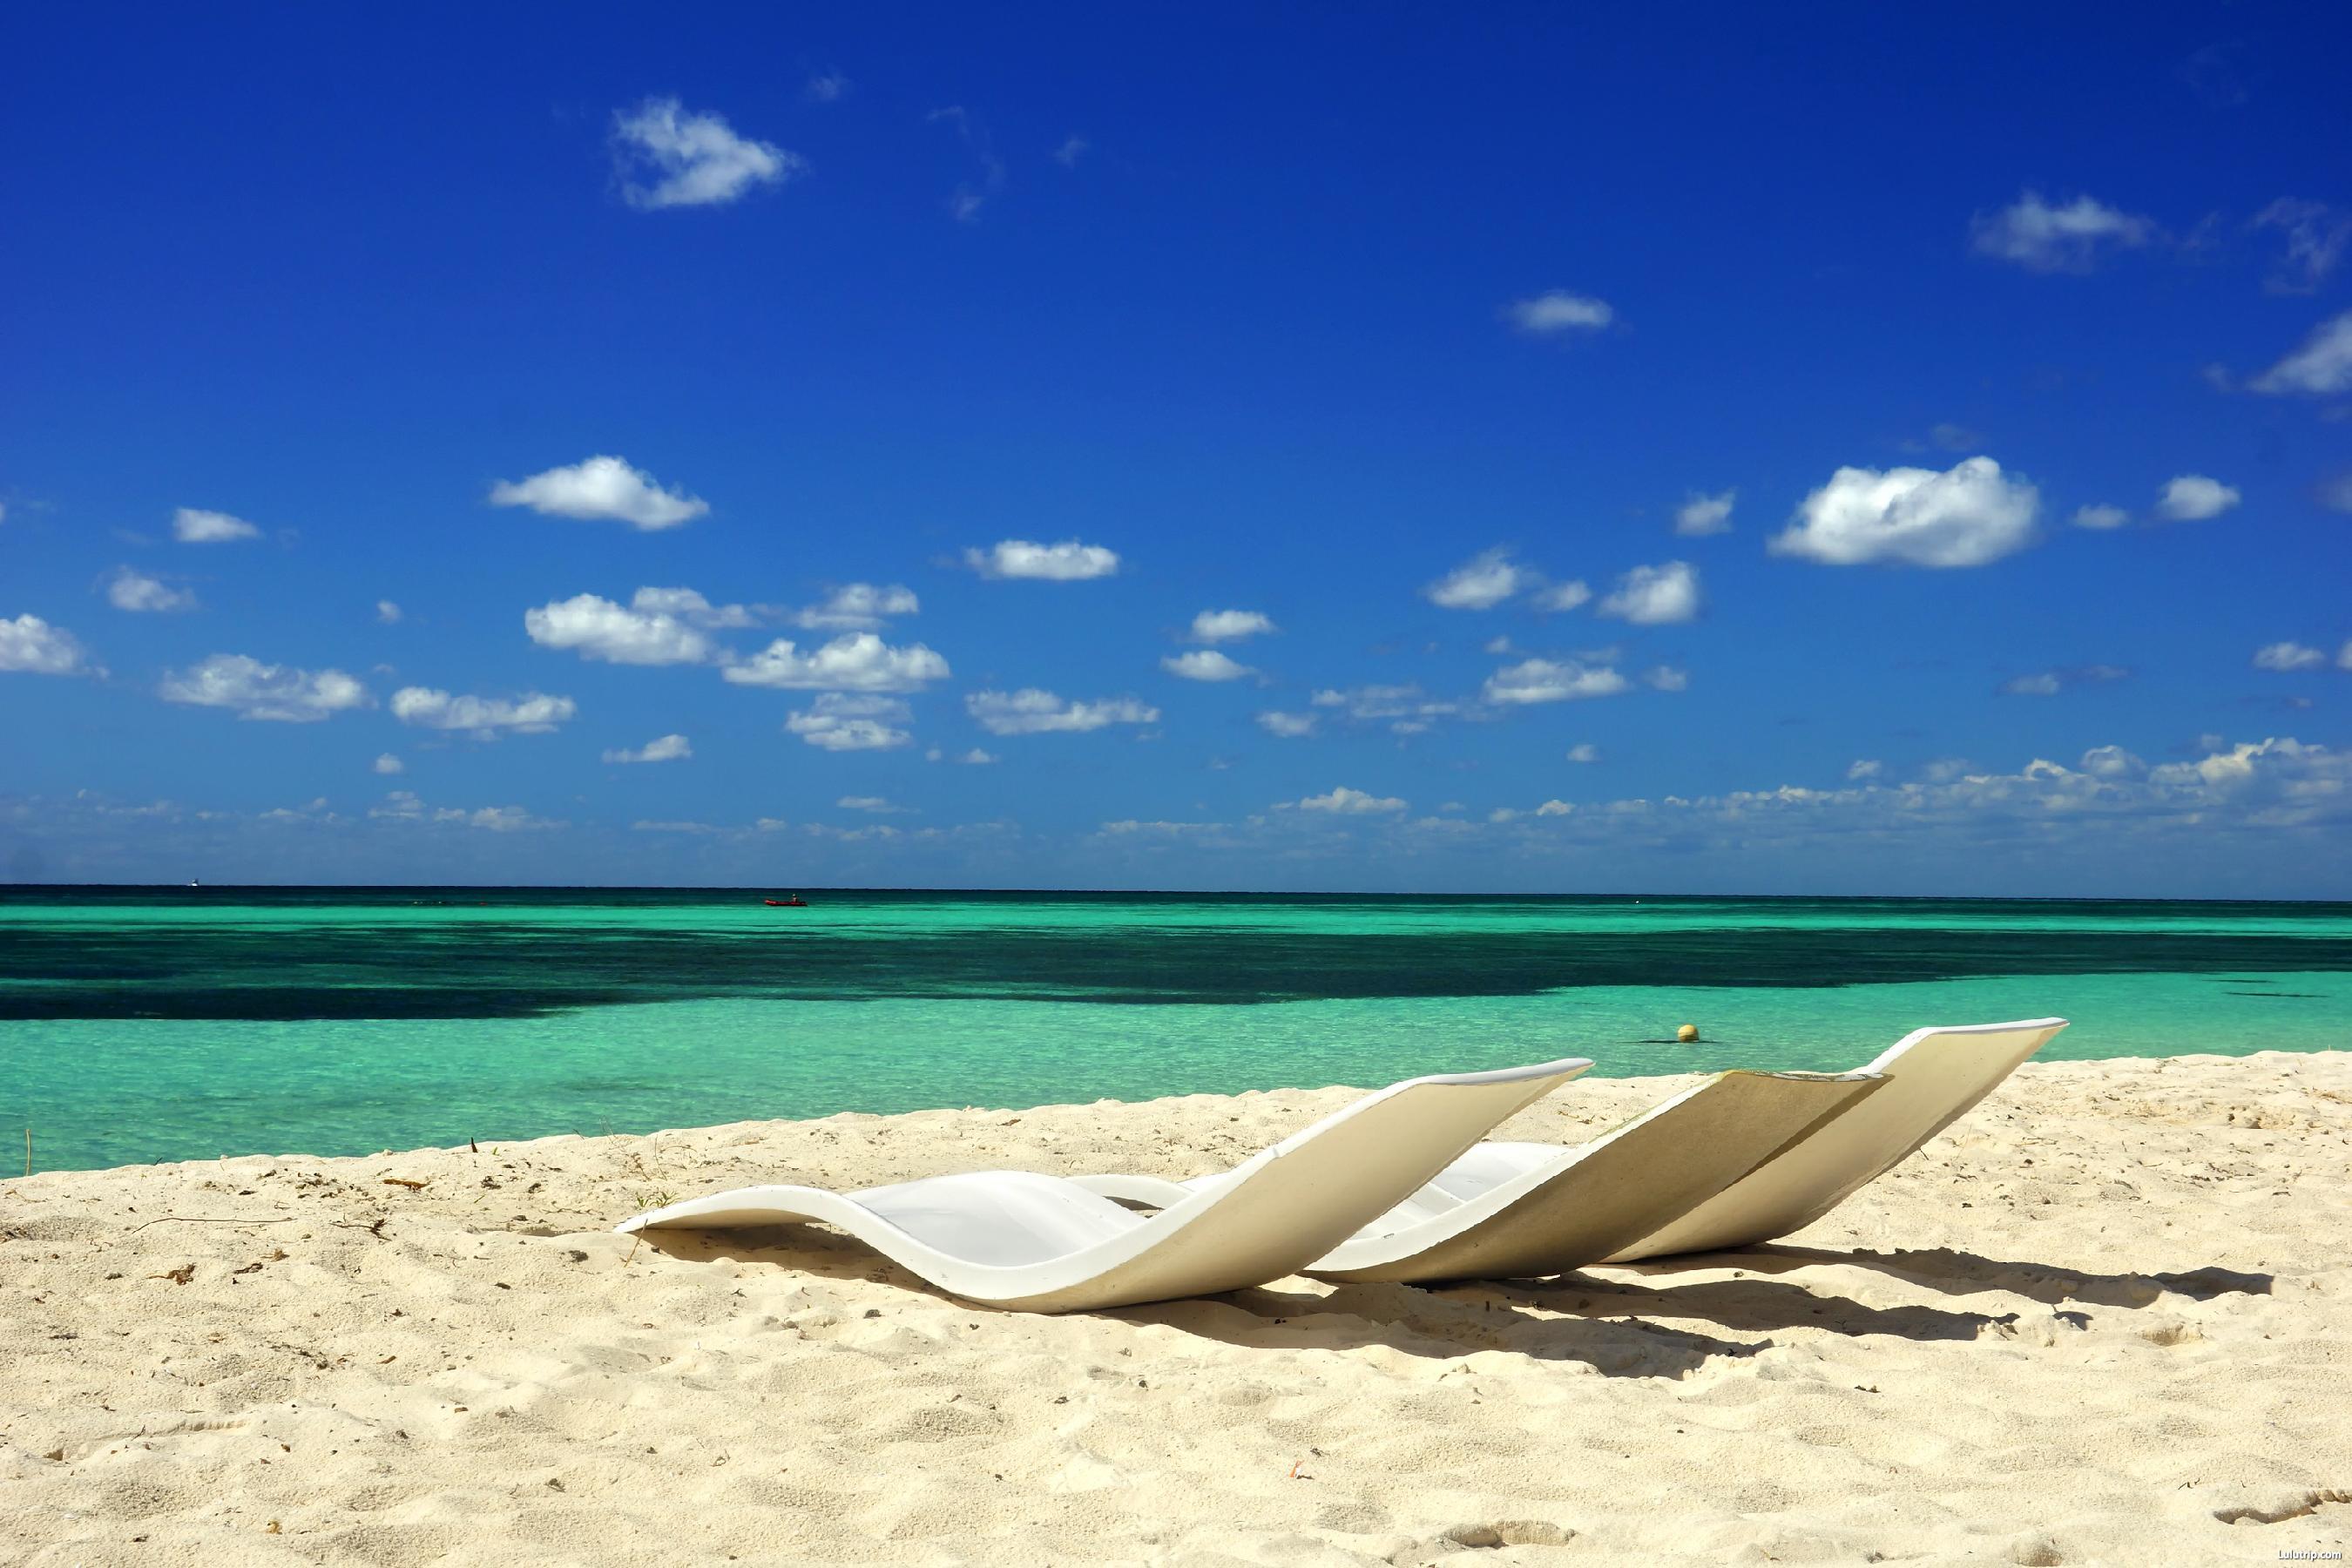 美东邮轮十日游 阳光海滩 加勒比号